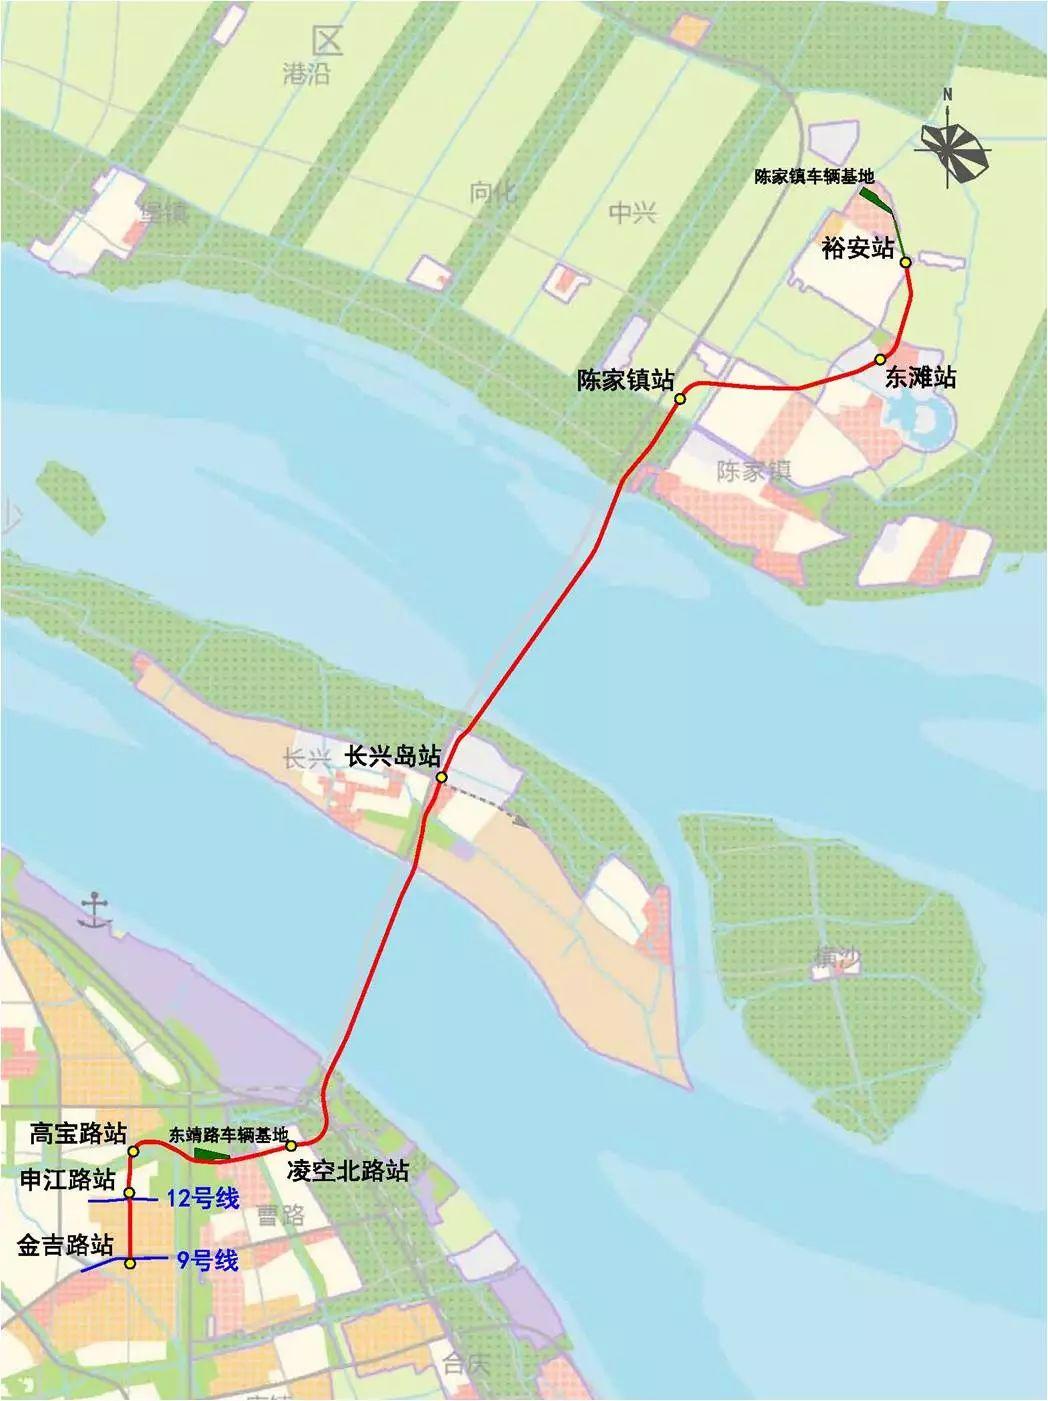 汕头市未来交通规划图